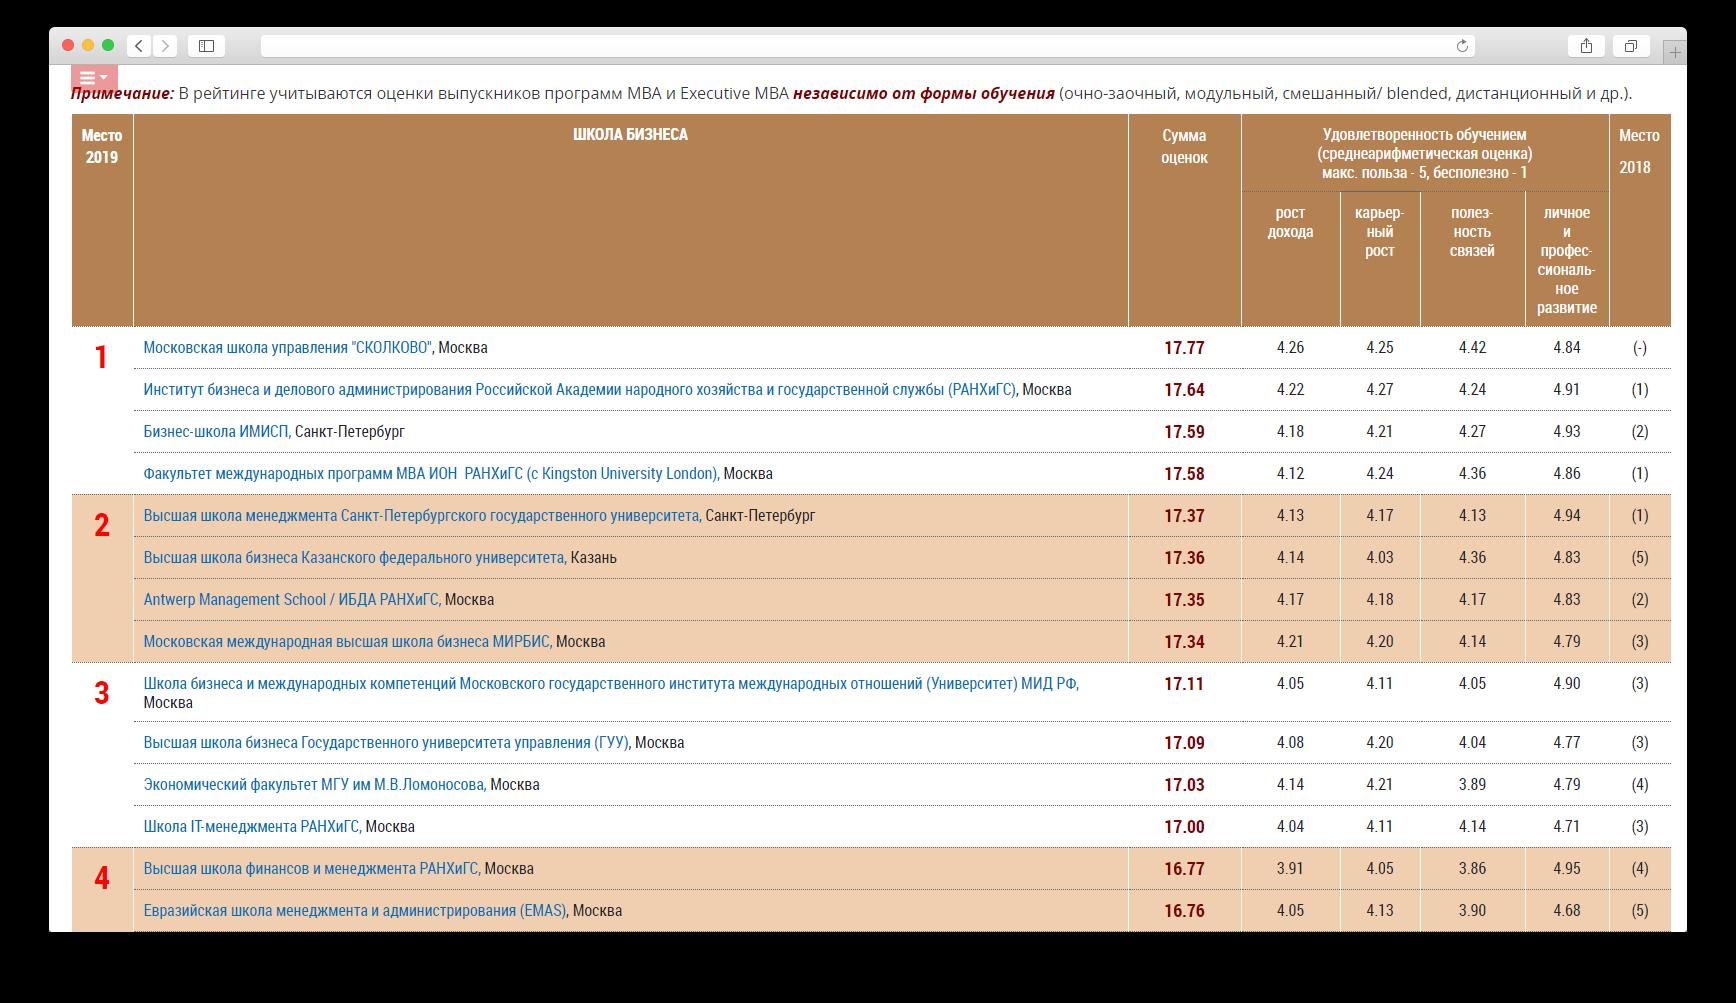 Скриншот сайта MBA.SU с рейтингом российских бизнес-школ